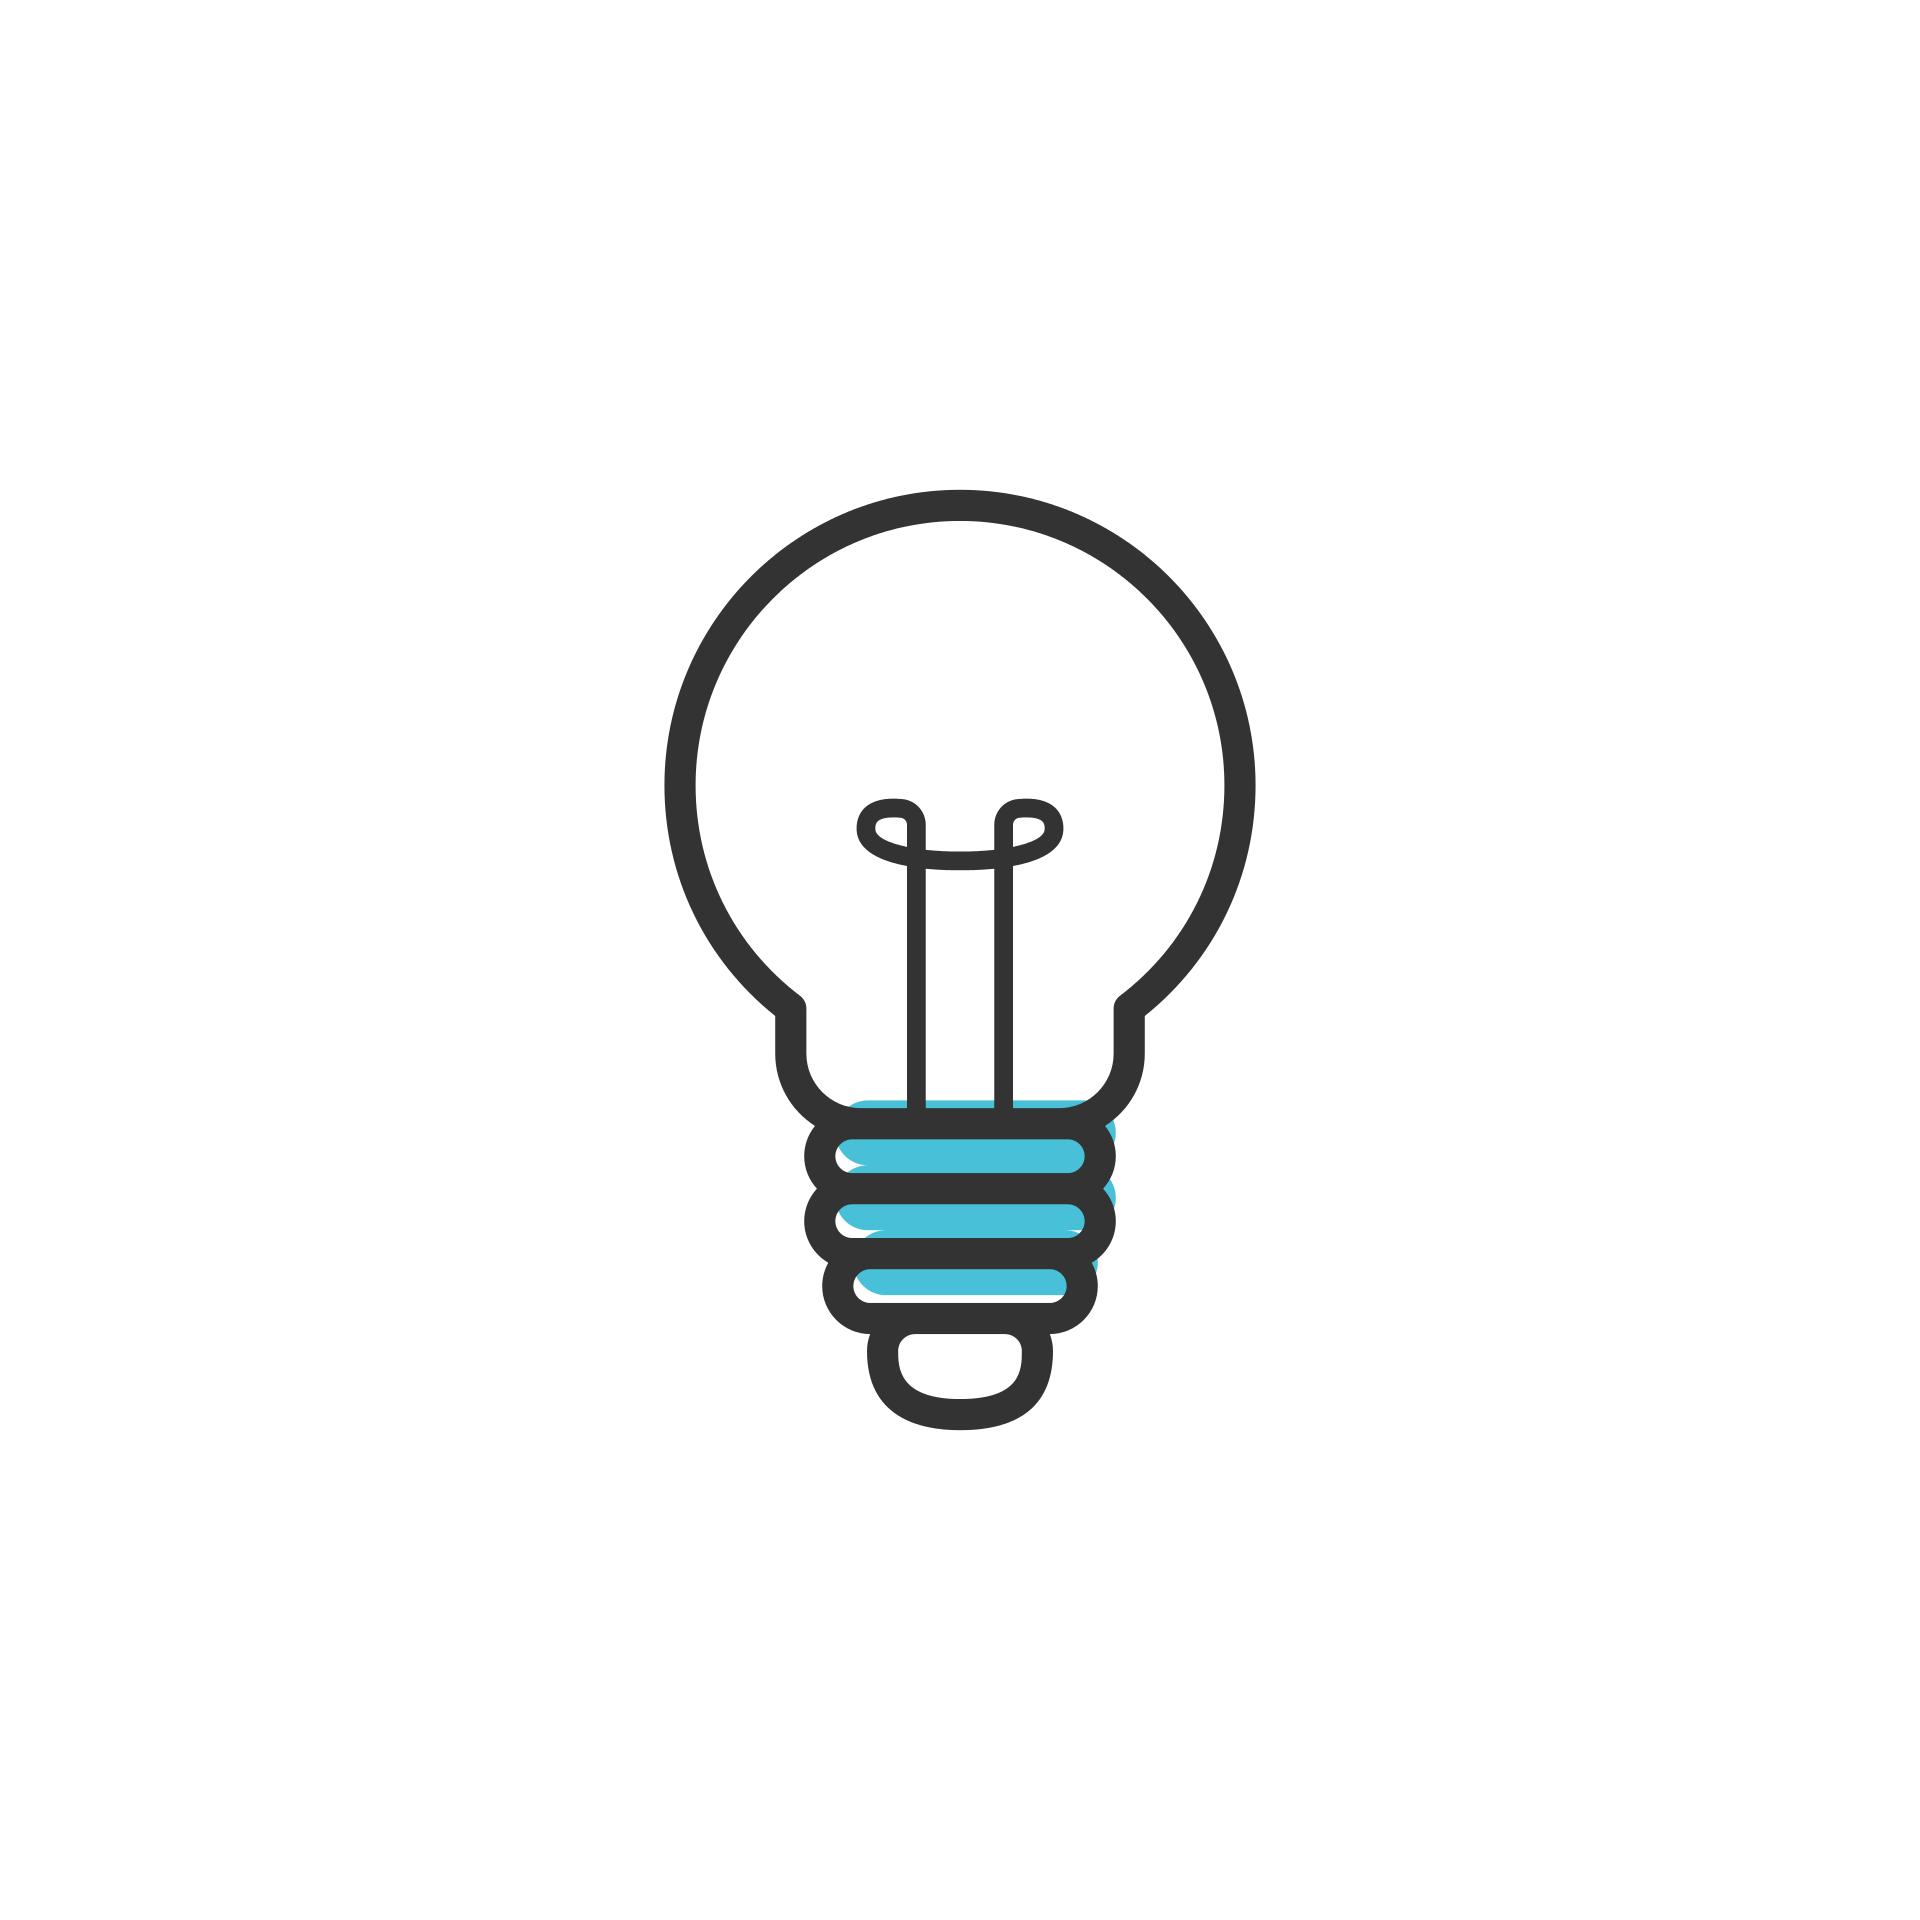 Encuentra ideas en nuestros post